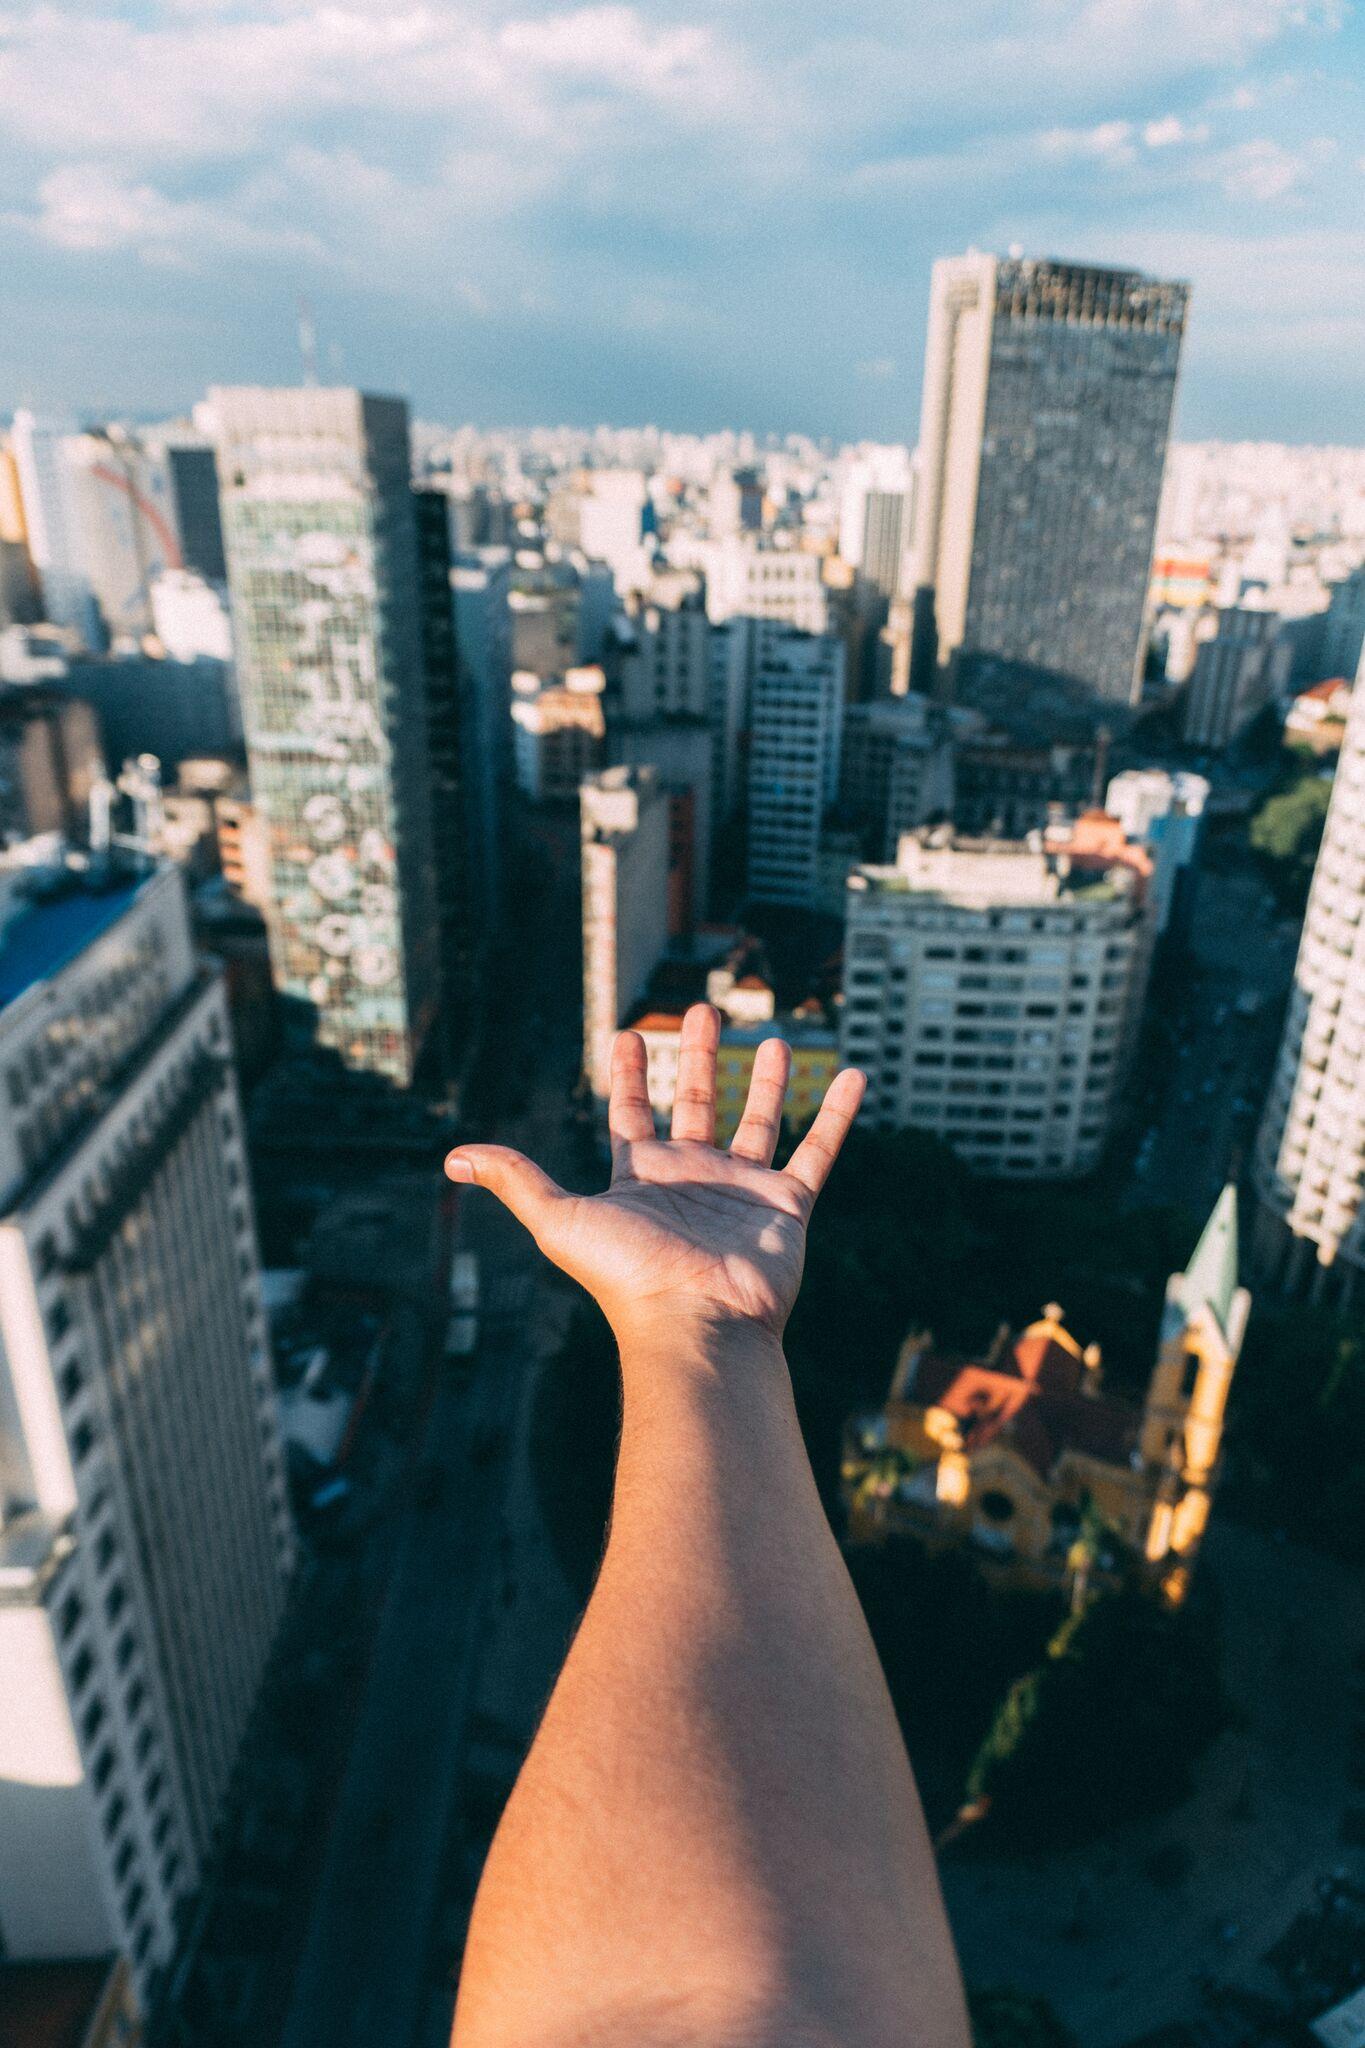 architecture-arm-blur-380287_preview.jpeg